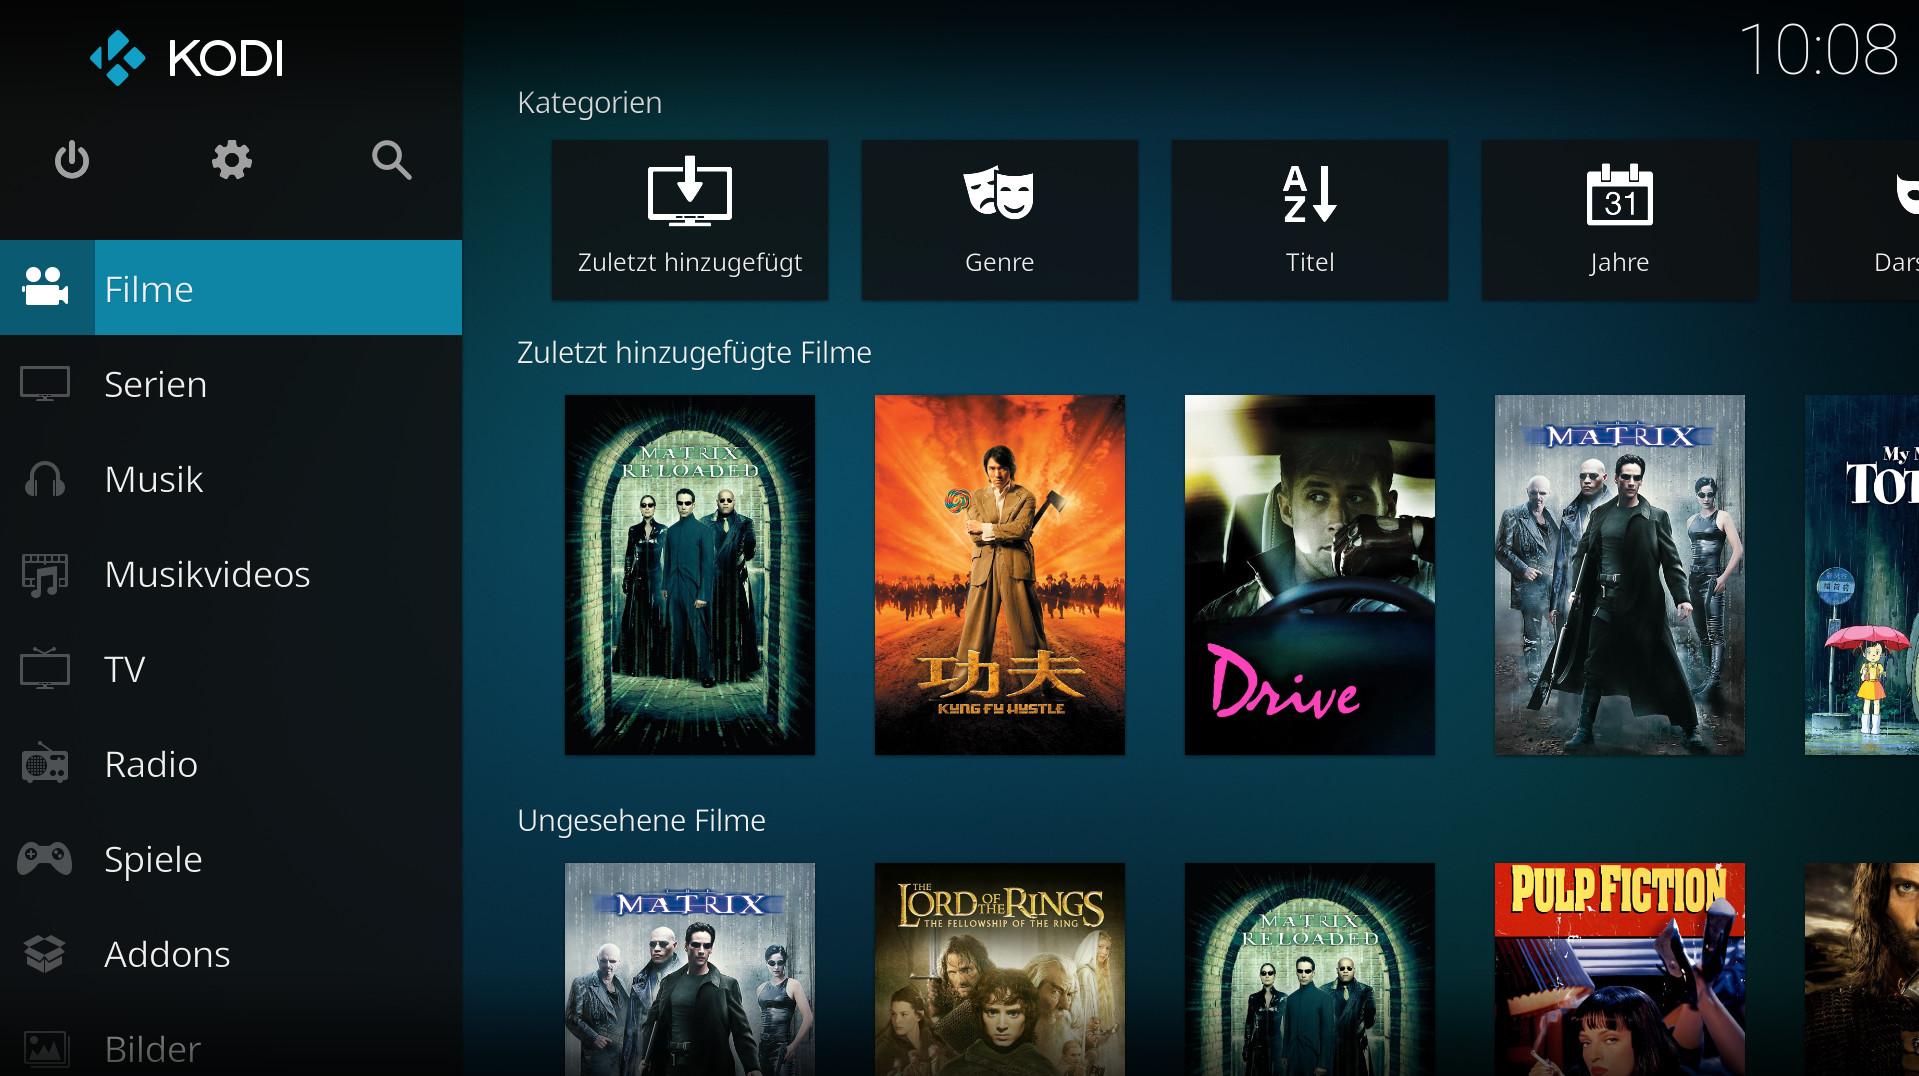 Screenshot 1 - Kodi (Android-App)